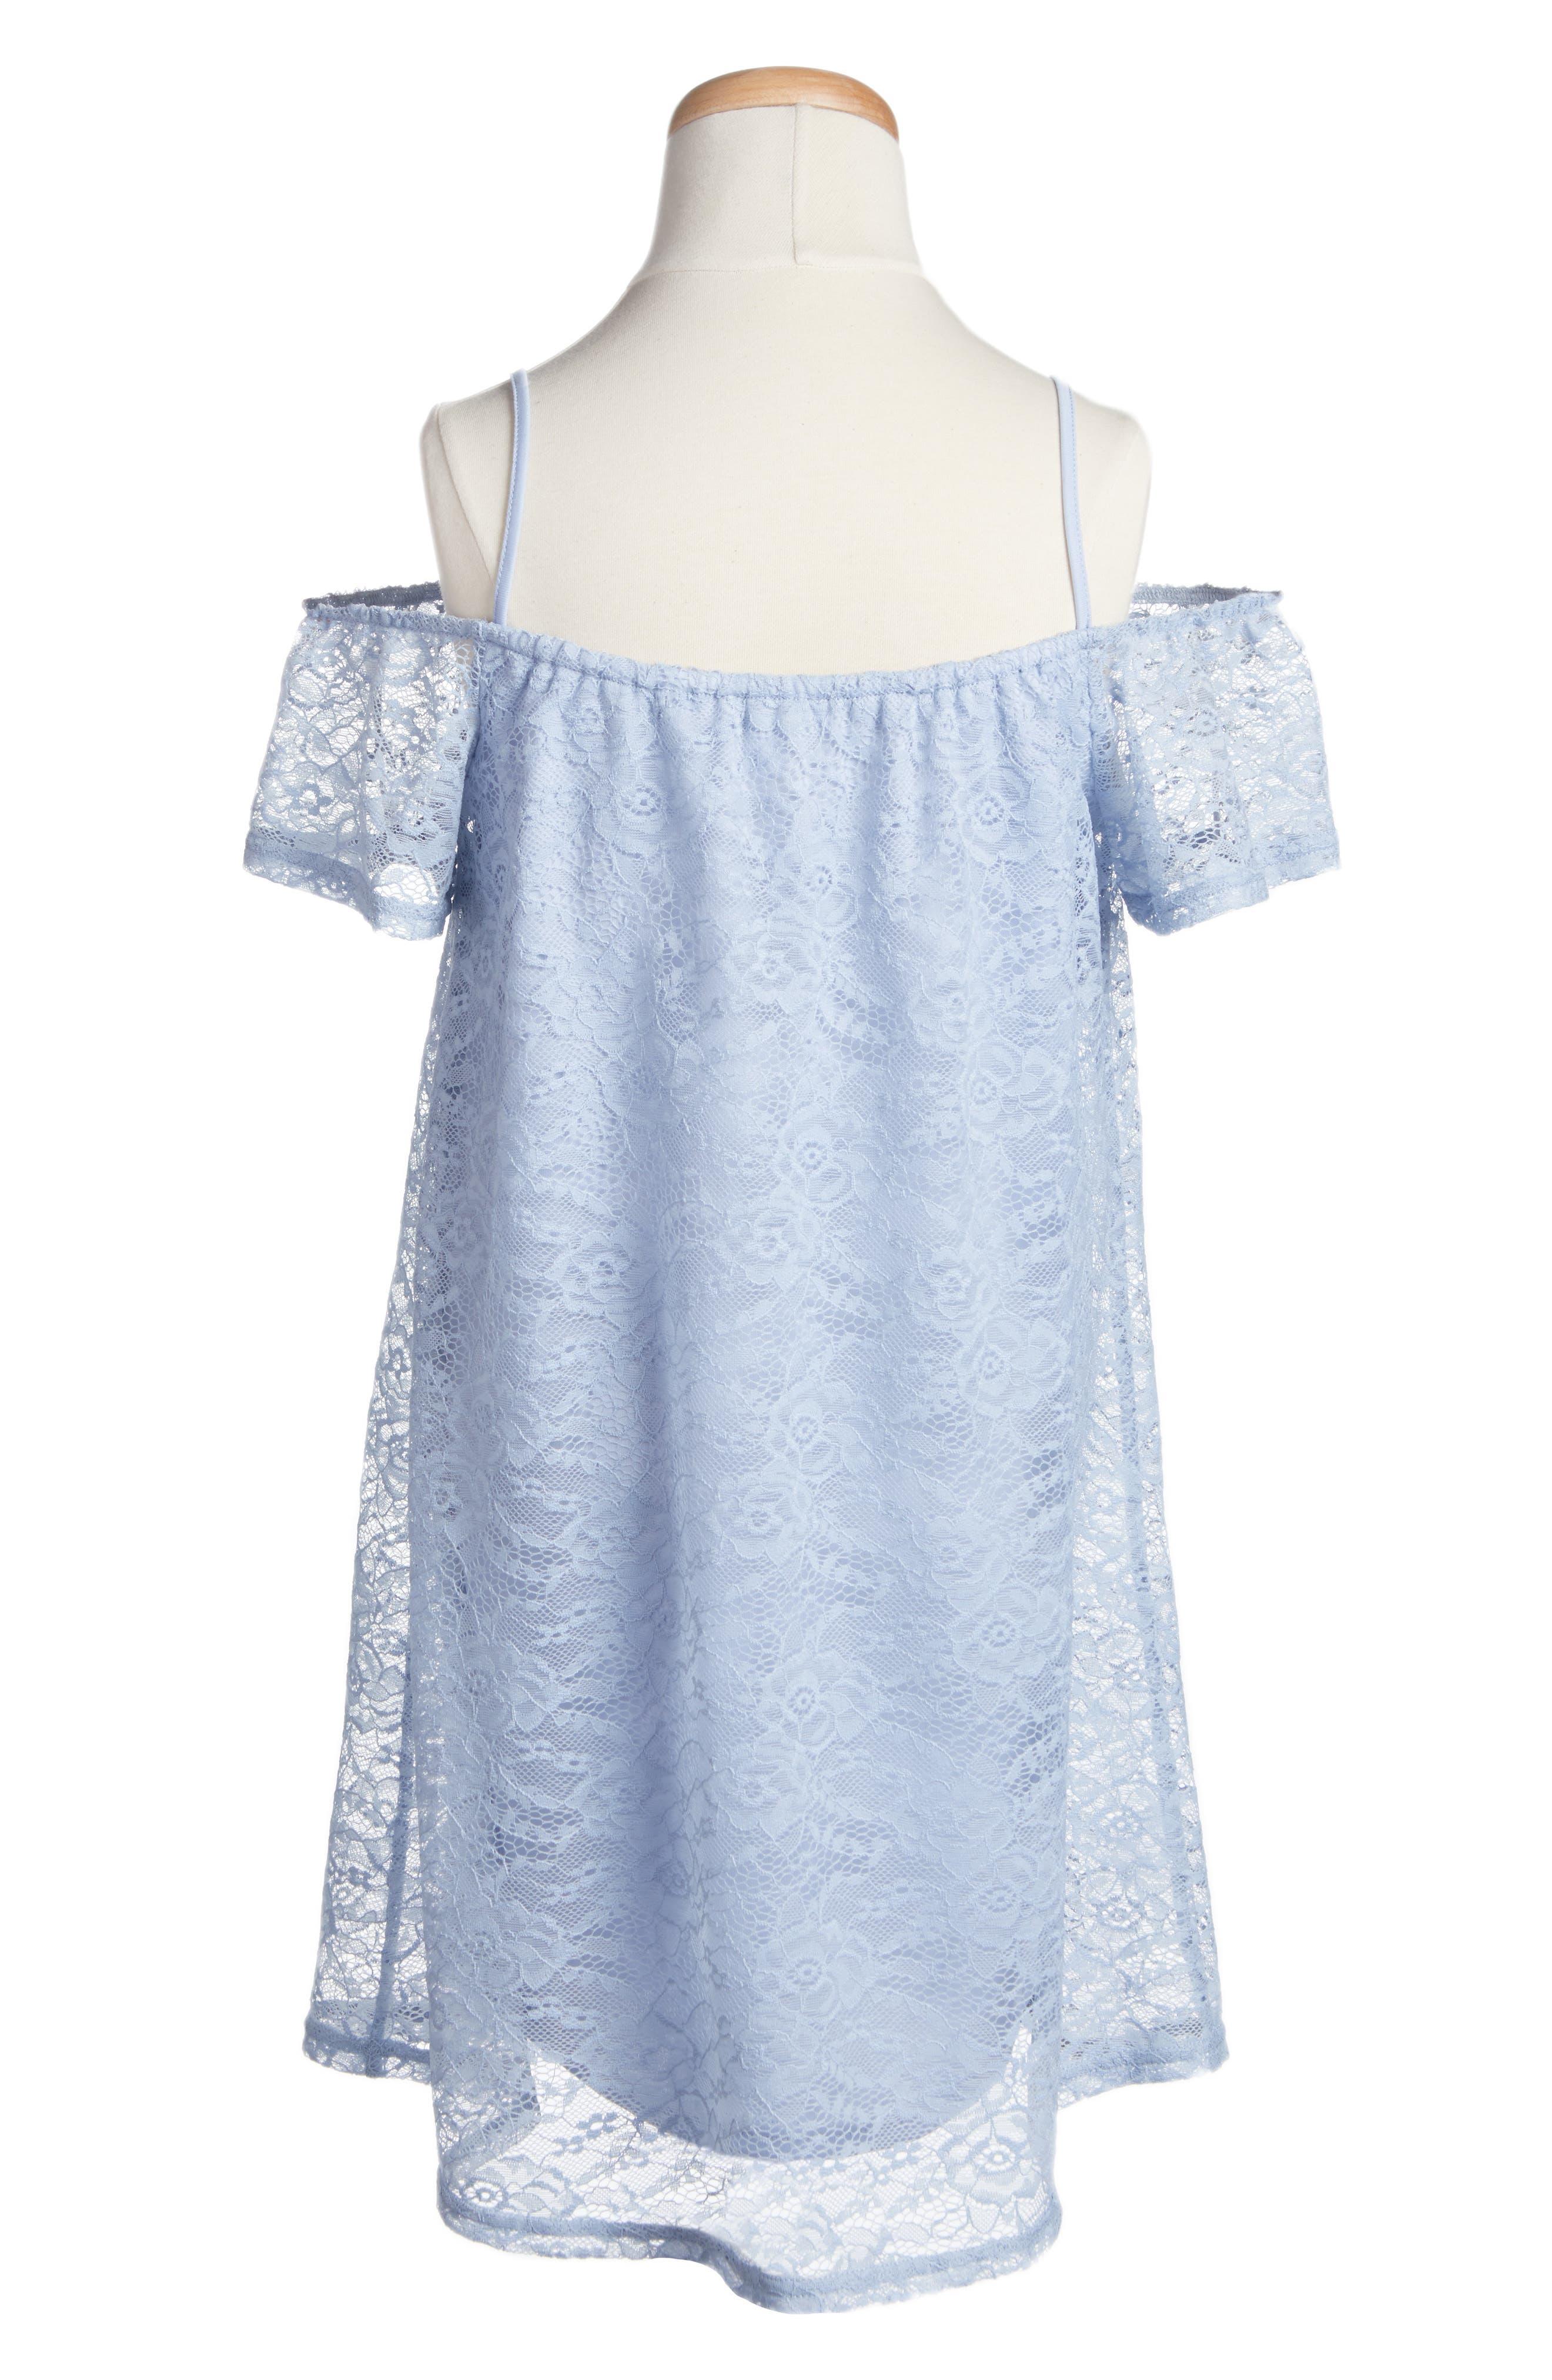 Lace Shift Dress,                             Alternate thumbnail 2, color,                             Zen Blue